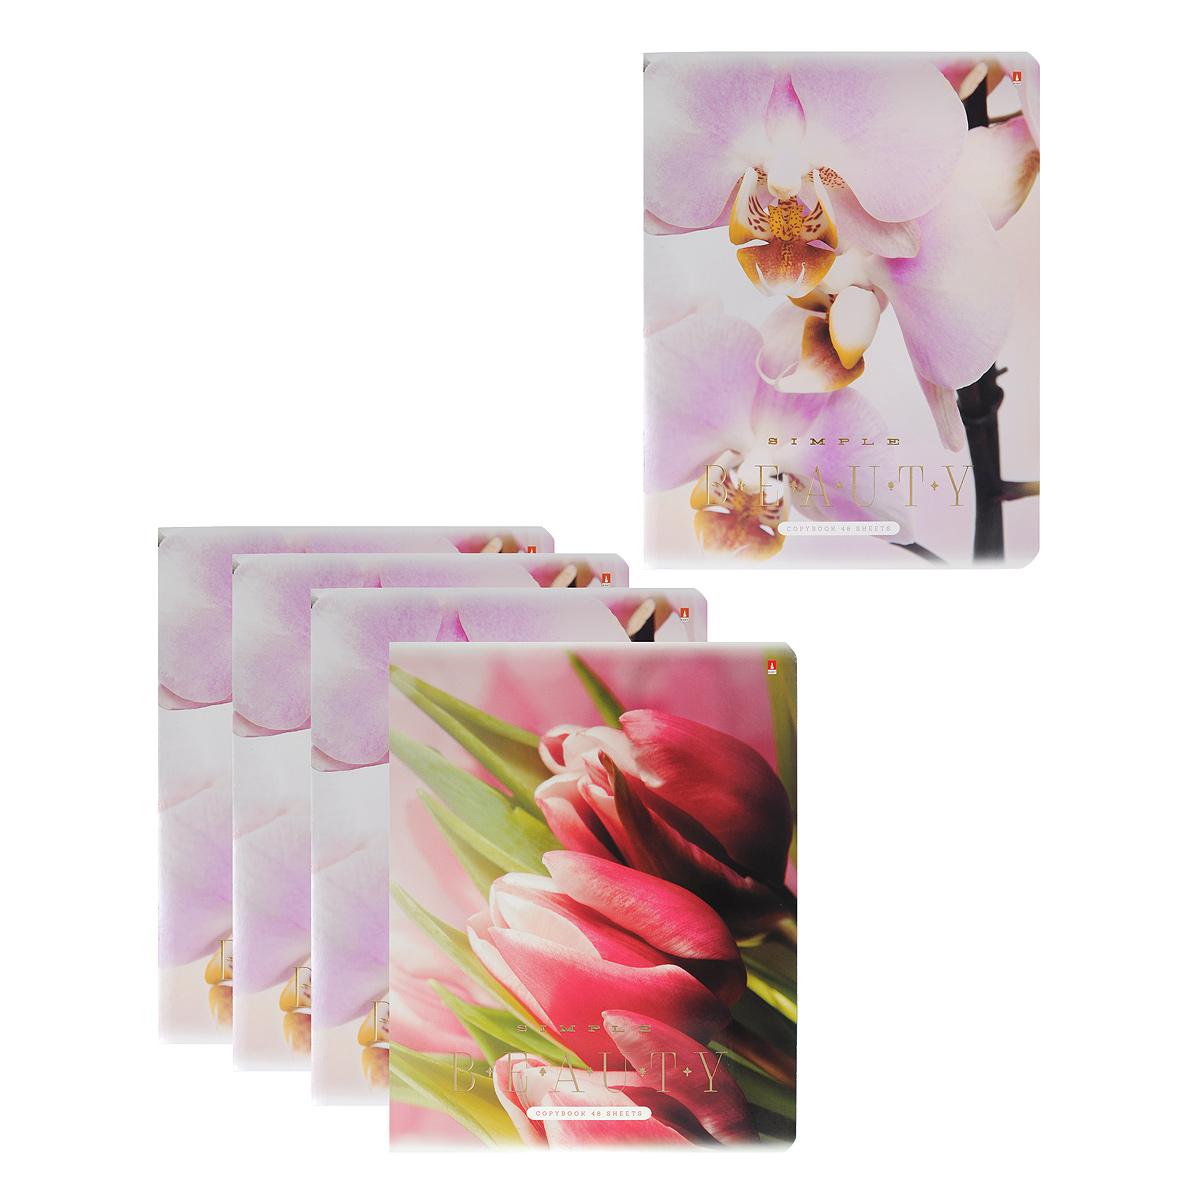 Набор тетрадей Альт Цветы, 48 листов, 5 шт31487Серия тетрадей Альт Цветы - то высококачественная продукция, выполненная в современном дизайне и традиционно высоком качестве. В тетради 48 листов белой мелованной бумаги высокой плотности, линовка с контрастными полями. Обложка выполнена из прочного картона и украшена тиснением золотой фольгой. За счет покрытия лаком обложка приобретает приятный глянцевый блеск и презентабельный вид. Вторая обложка с полем для личной информации выполнена в едином дизайне с основными обложками. Полноцветные изображения бутонов цветов, запечатленные крупным планом, поражают воображение богатством красок и изяществом линий.